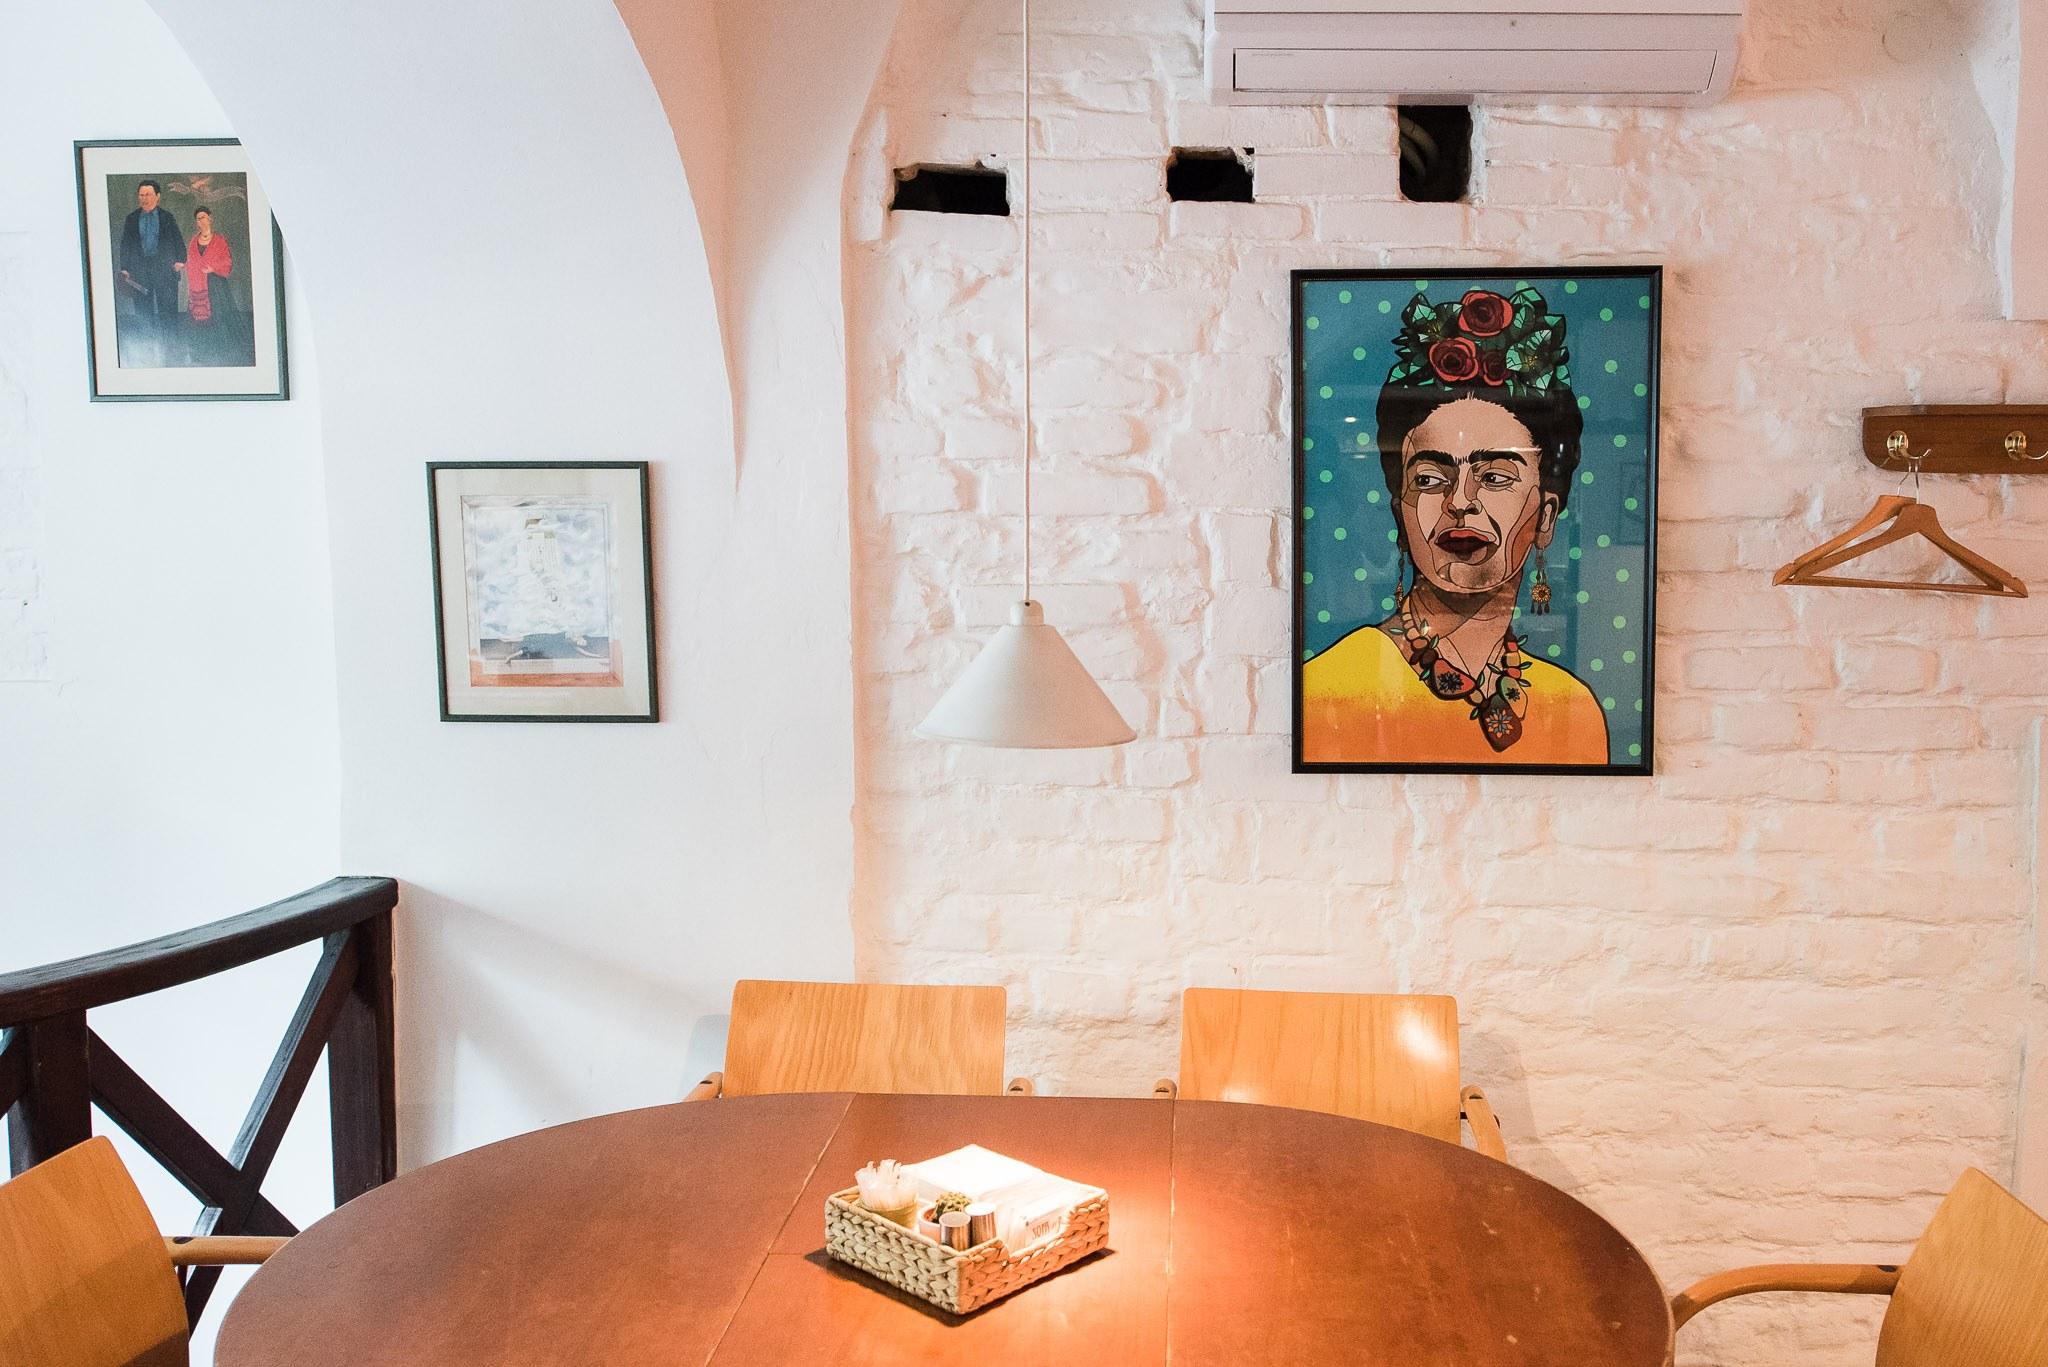 Sofa De Pancho